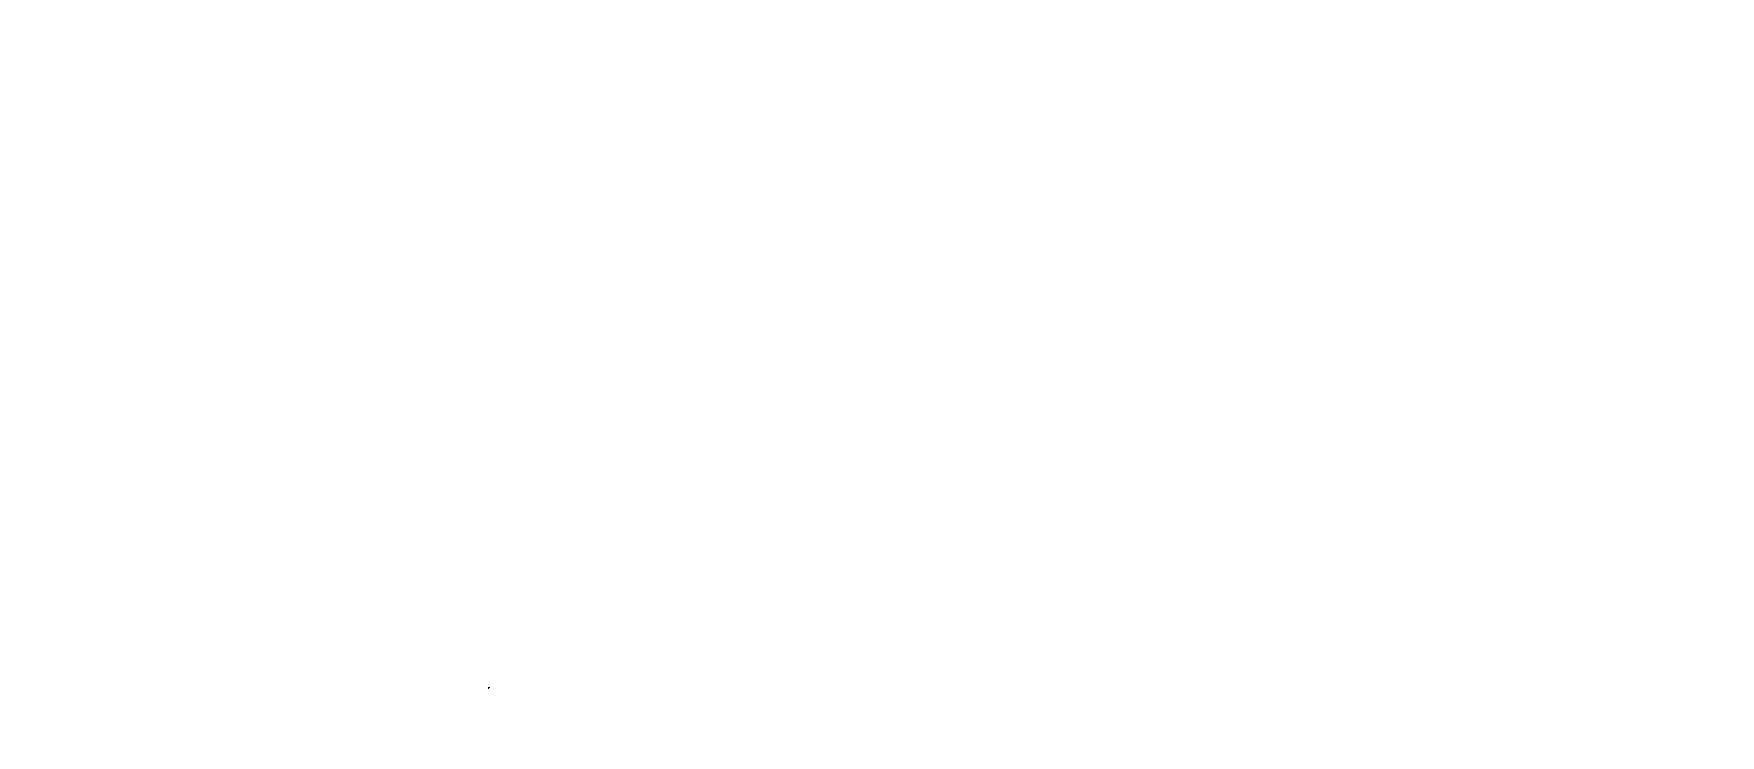 Q Qualitimovies